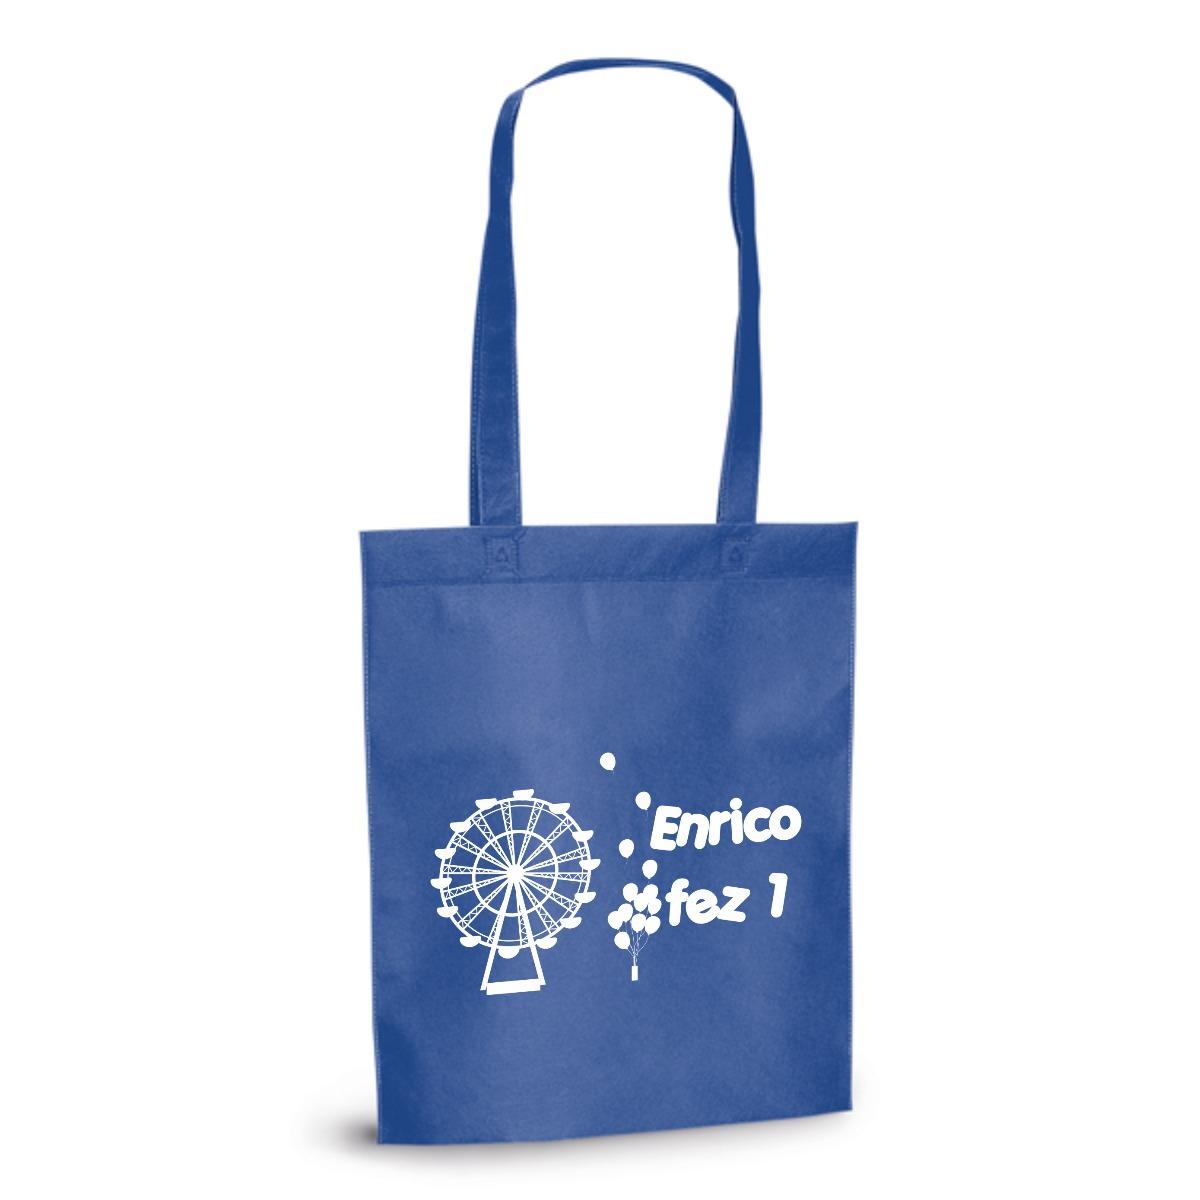 e8acbf69a Kit 100 Sacola Ecológica 27x35 Alça 55 Ecobag Personalizada - R$ 429 ...